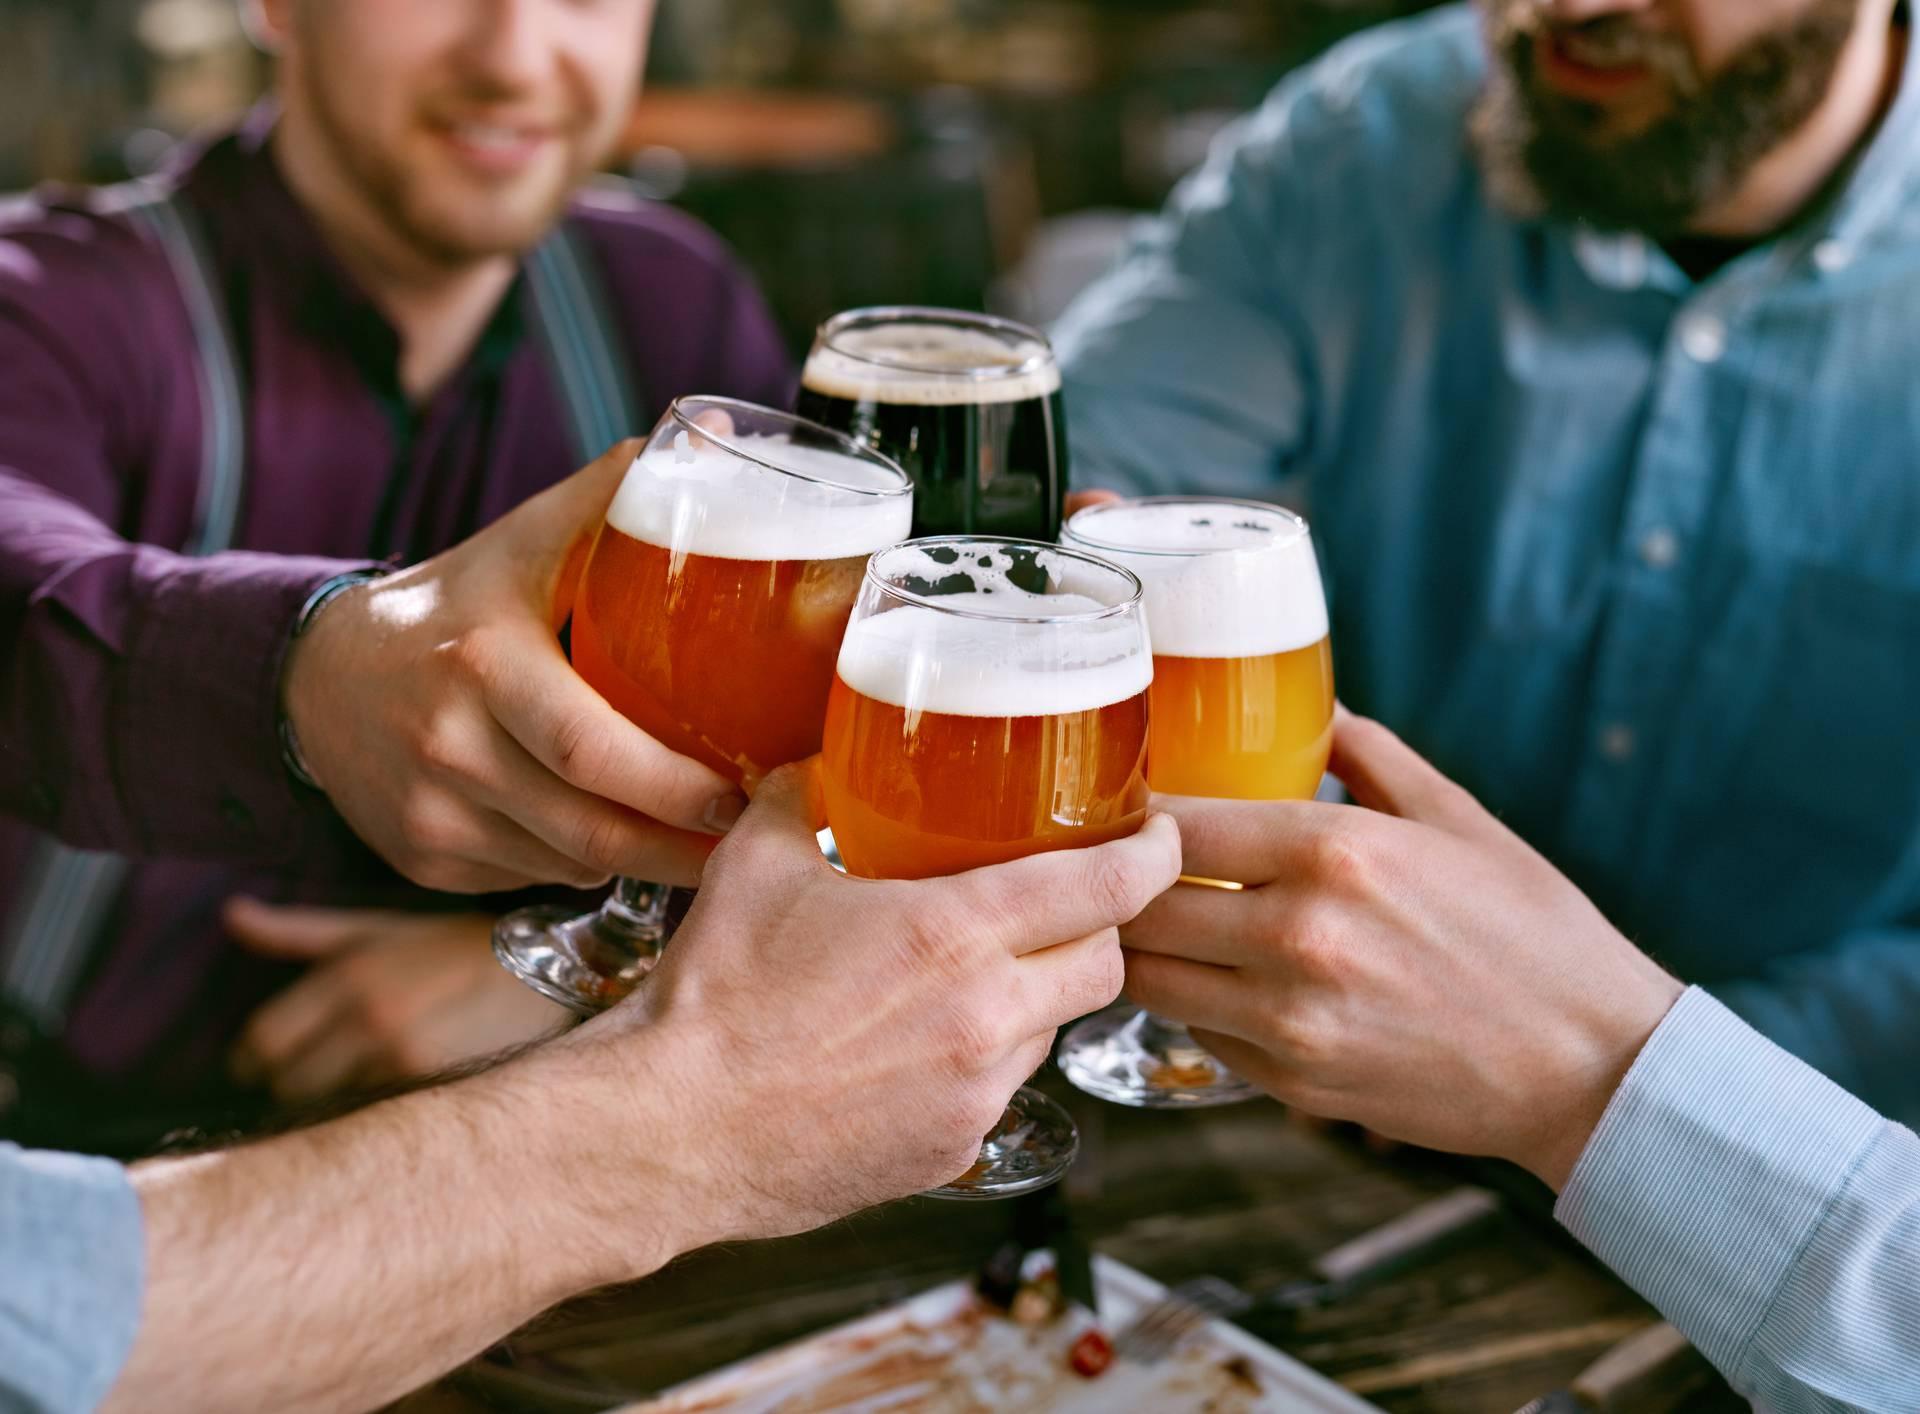 Pivovara se ispričala Maorima zbog nezgodnog naziva piva